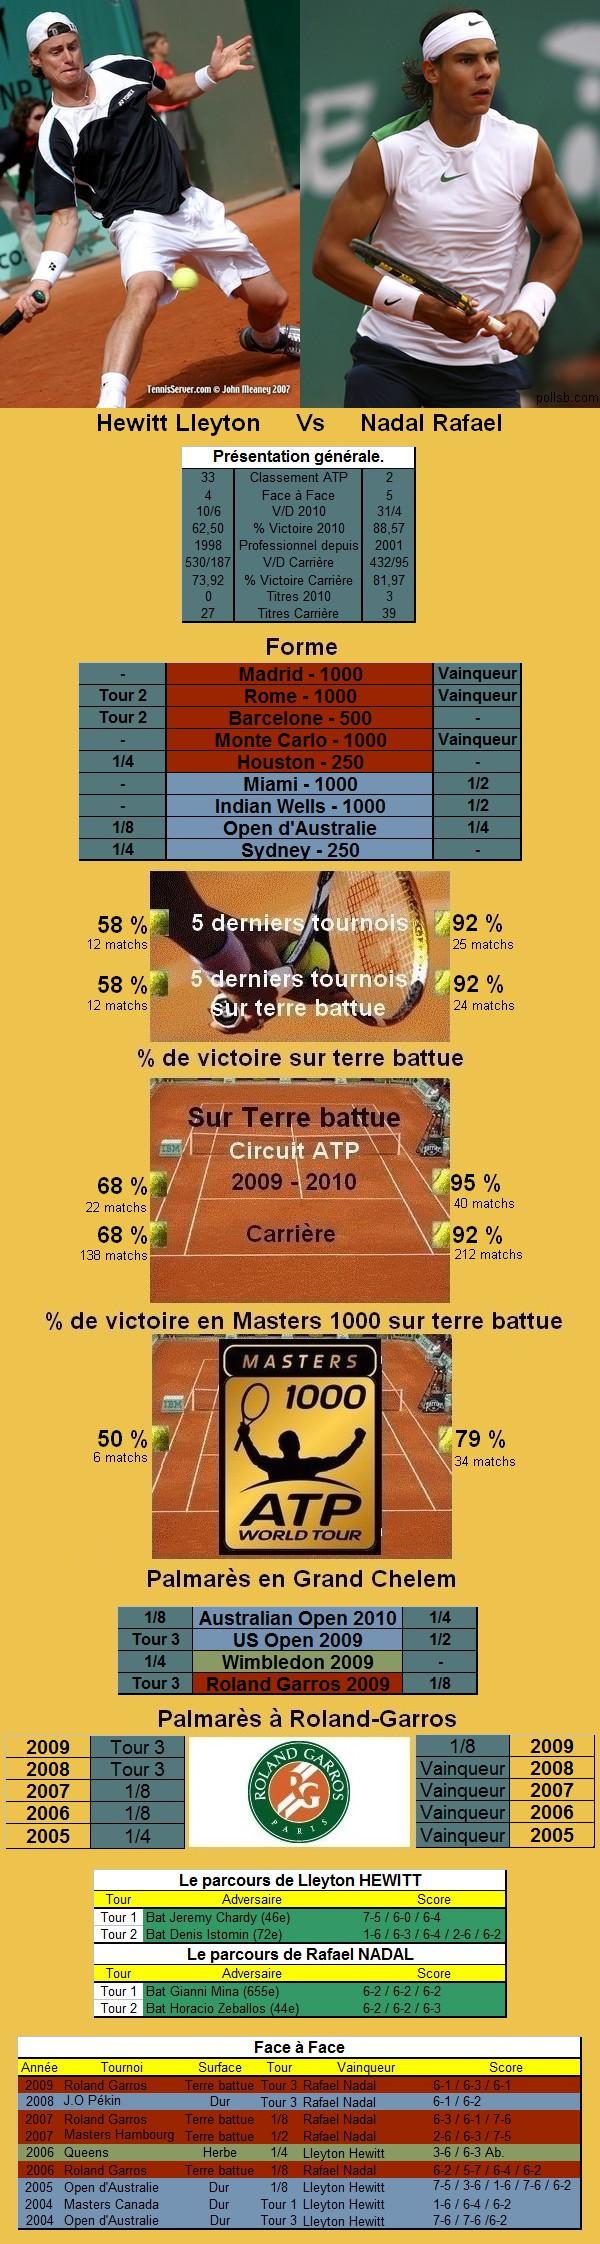 Statistiques tennis de Hewitt contre Nadal à Roland Garros